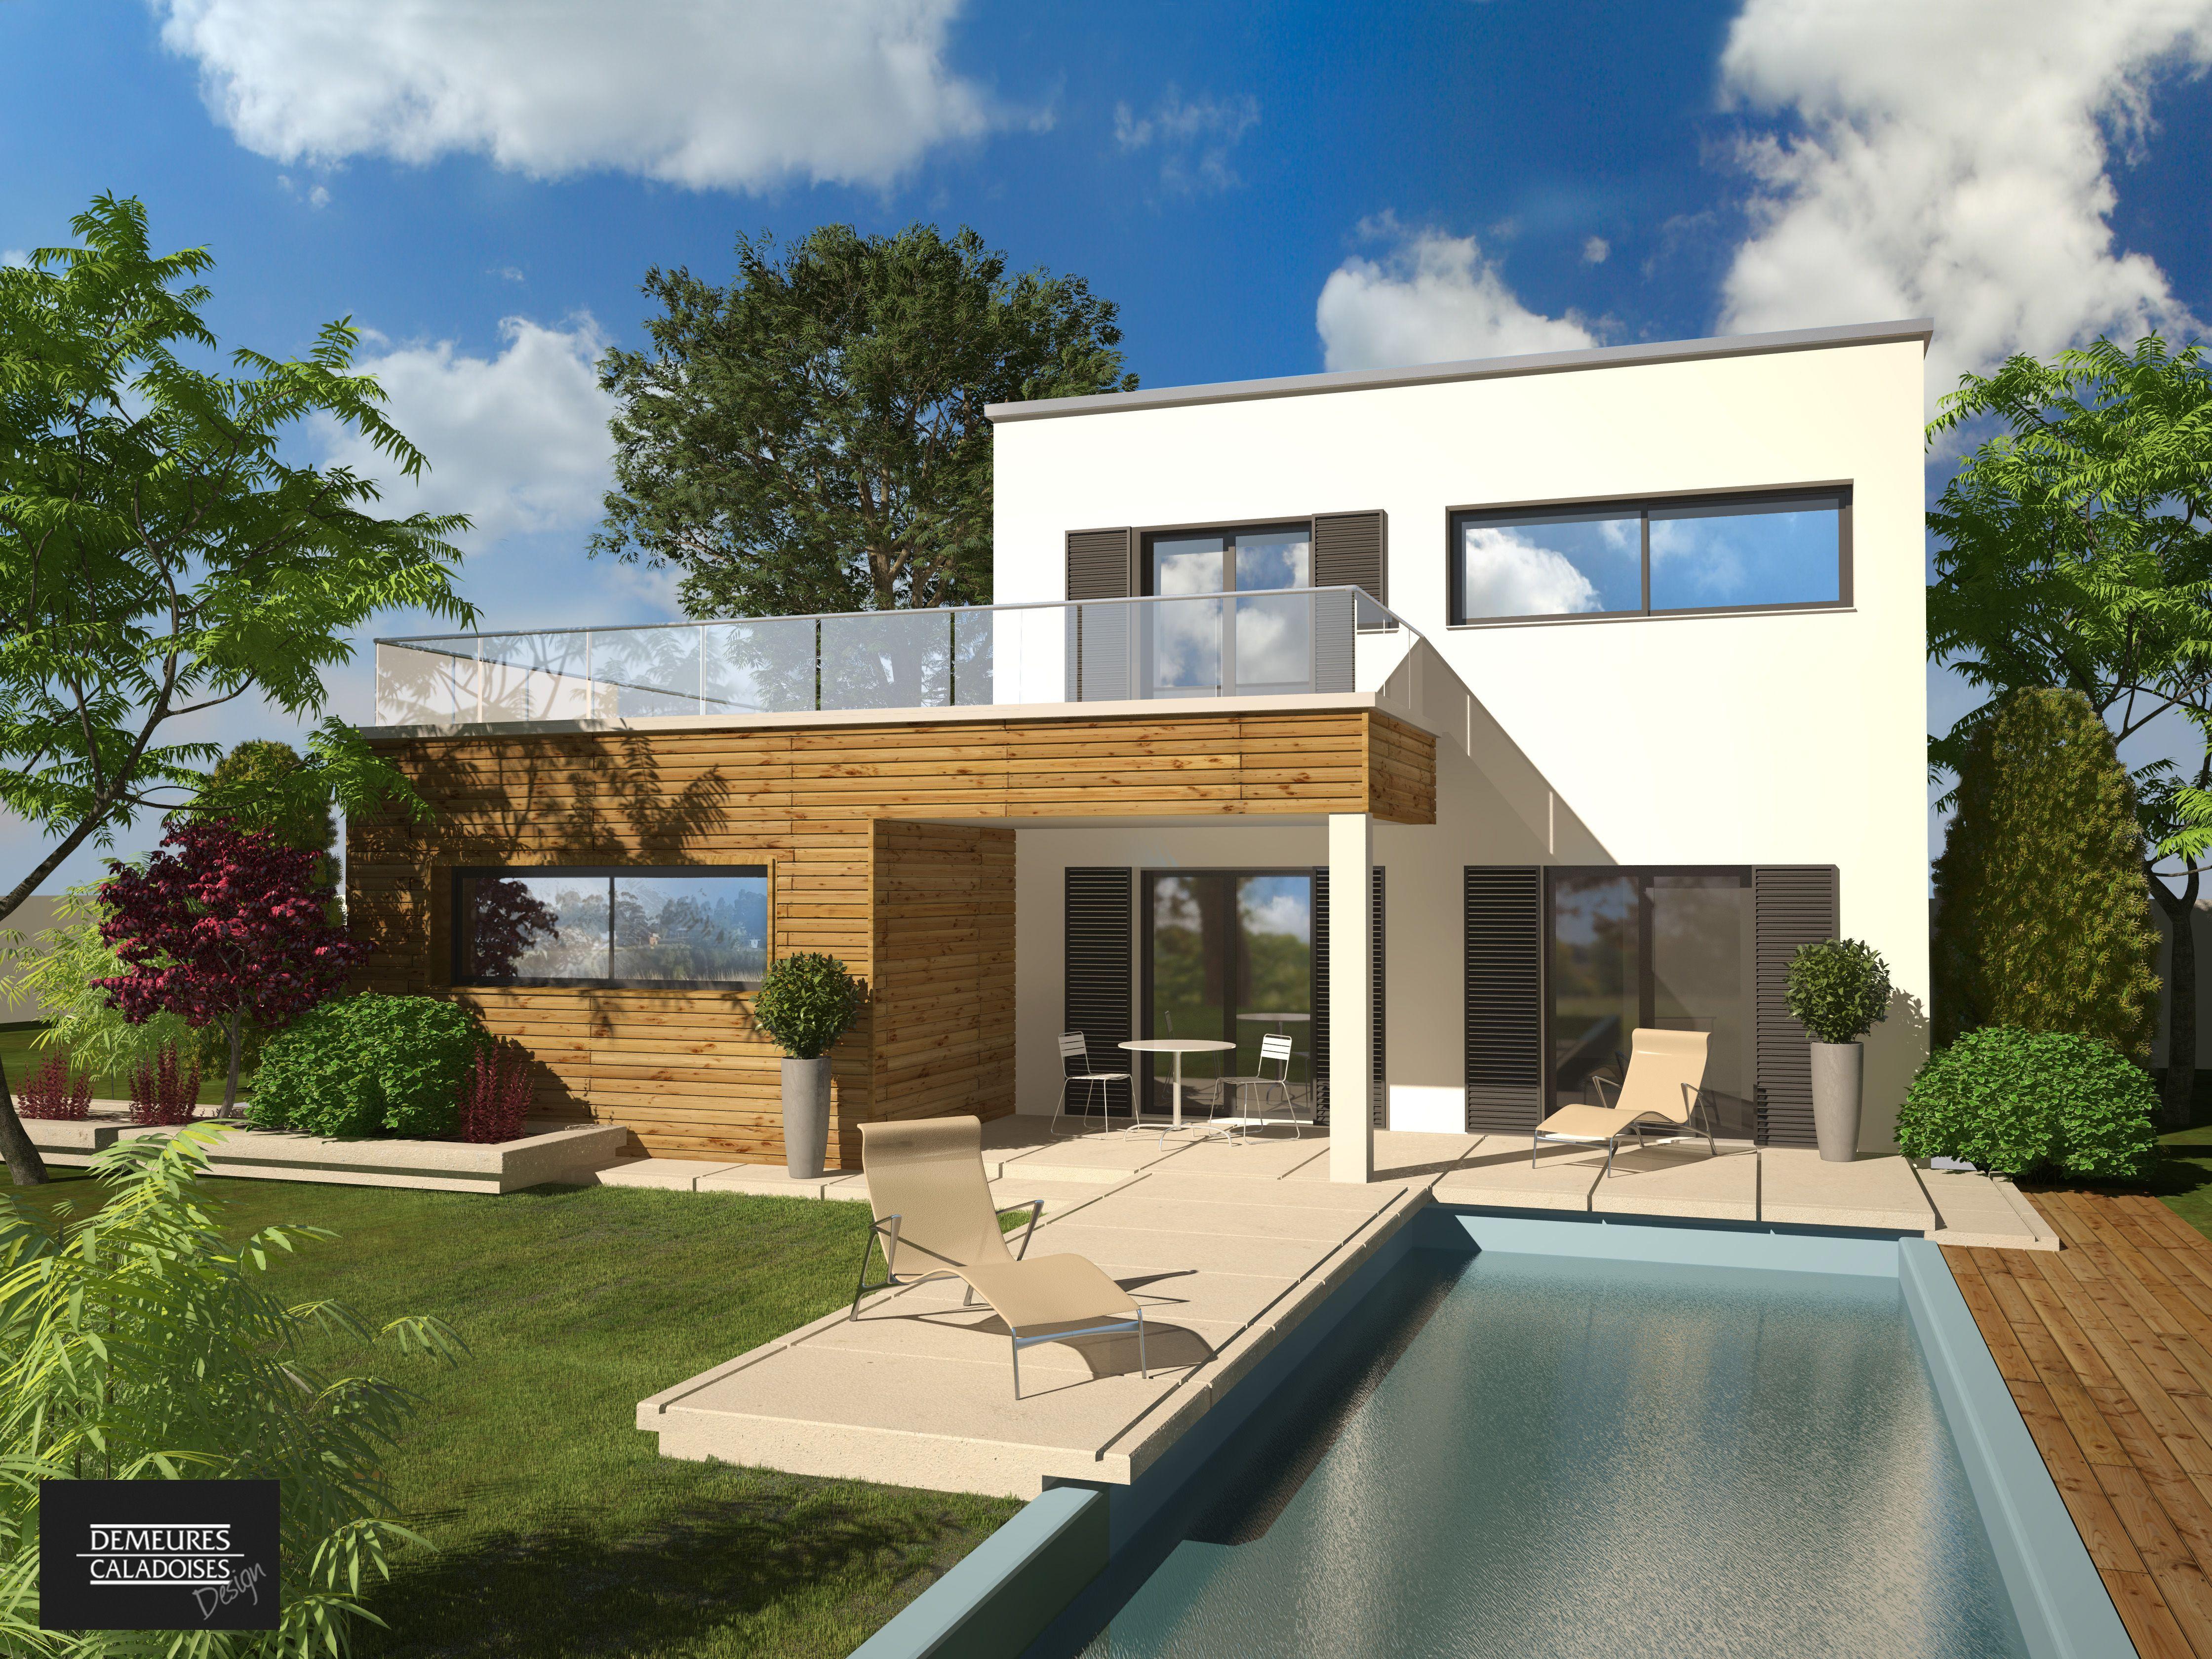 Olbia construction villa demeure design etage for Constructeur maison contemporaine 08